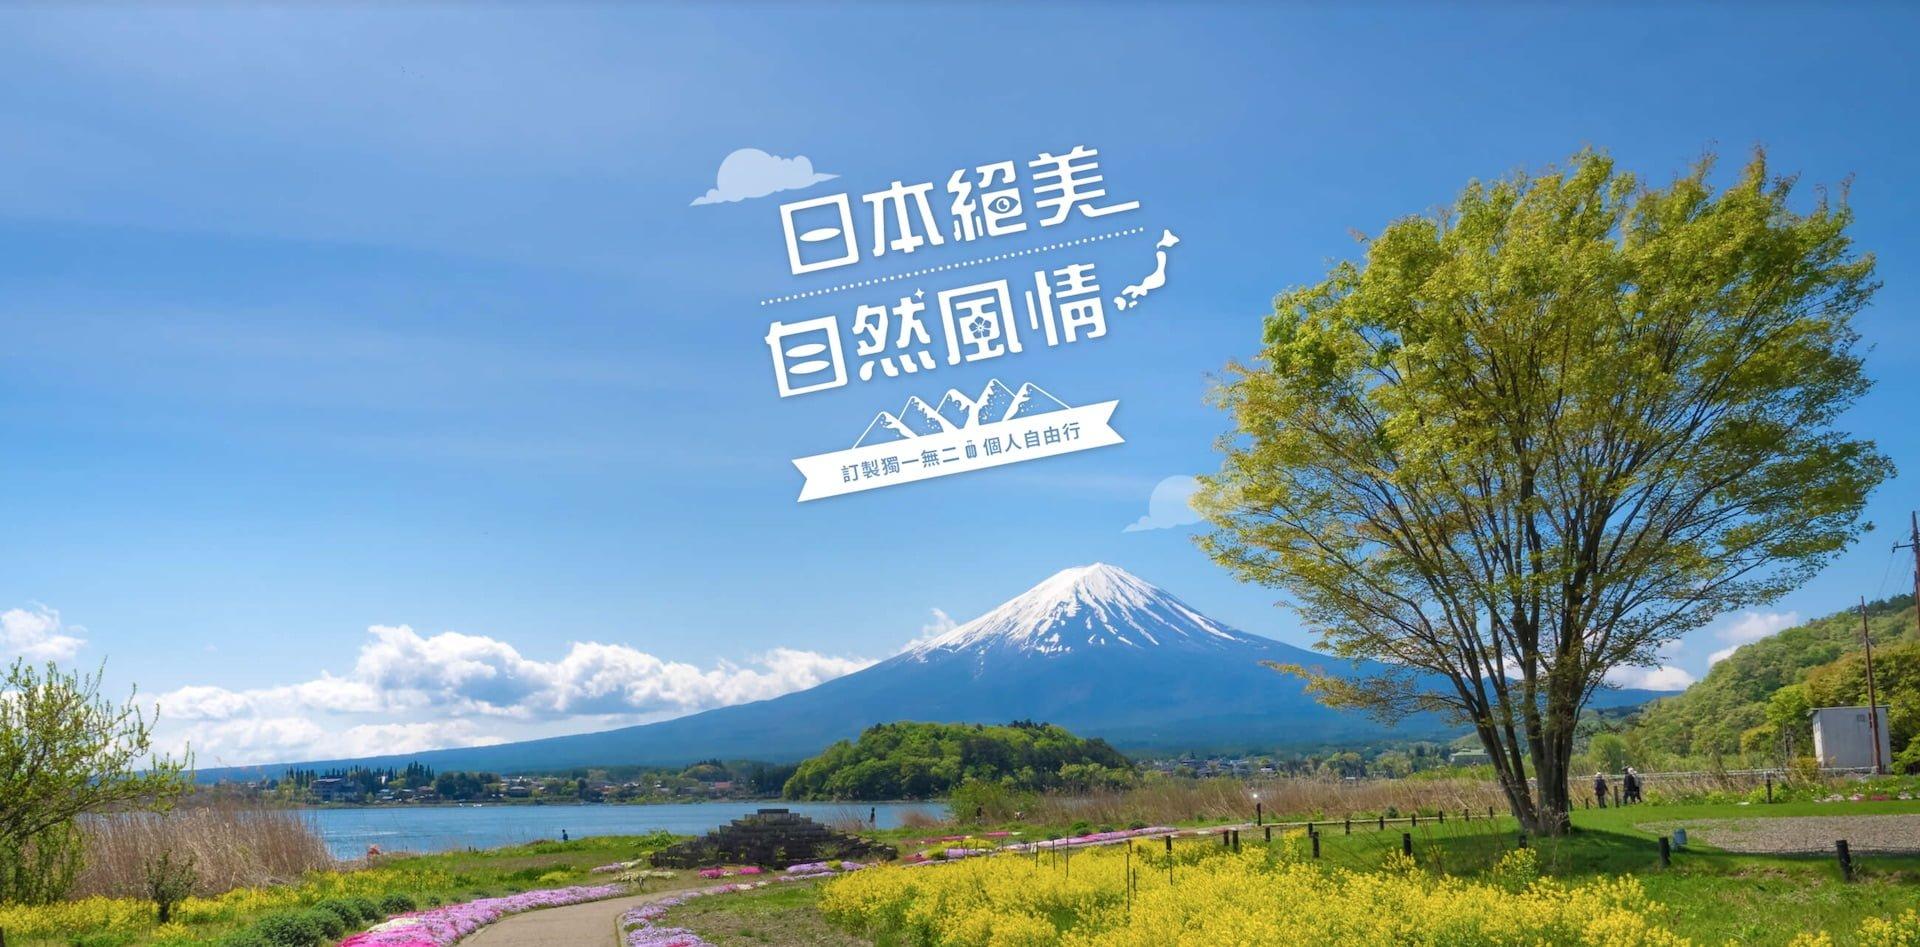 KKday 5月限定 日本自由行優惠促銷